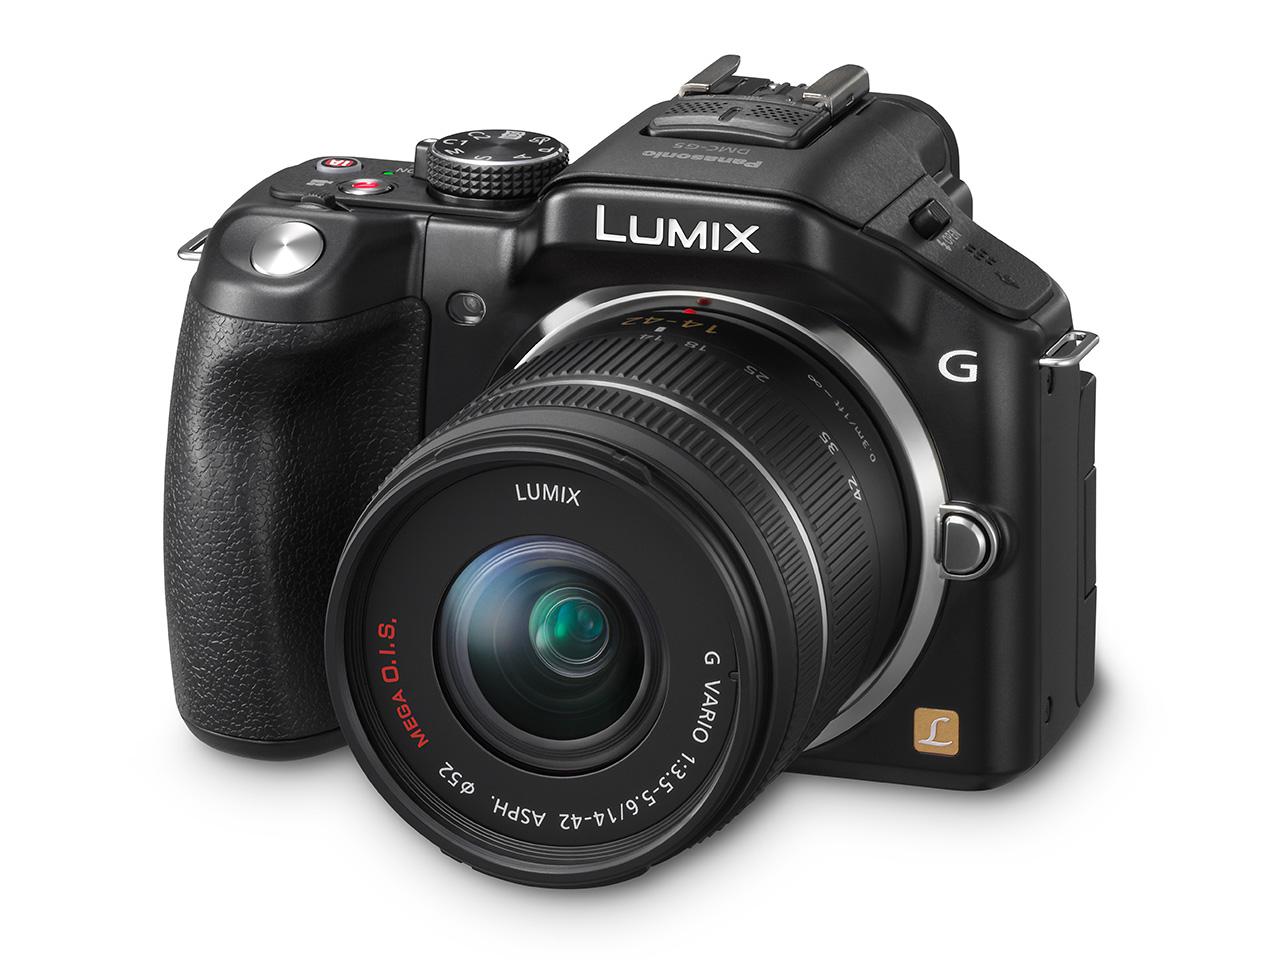 Image result for 4. Kamera Mirrorless Panasonic Lumix DMC-G5